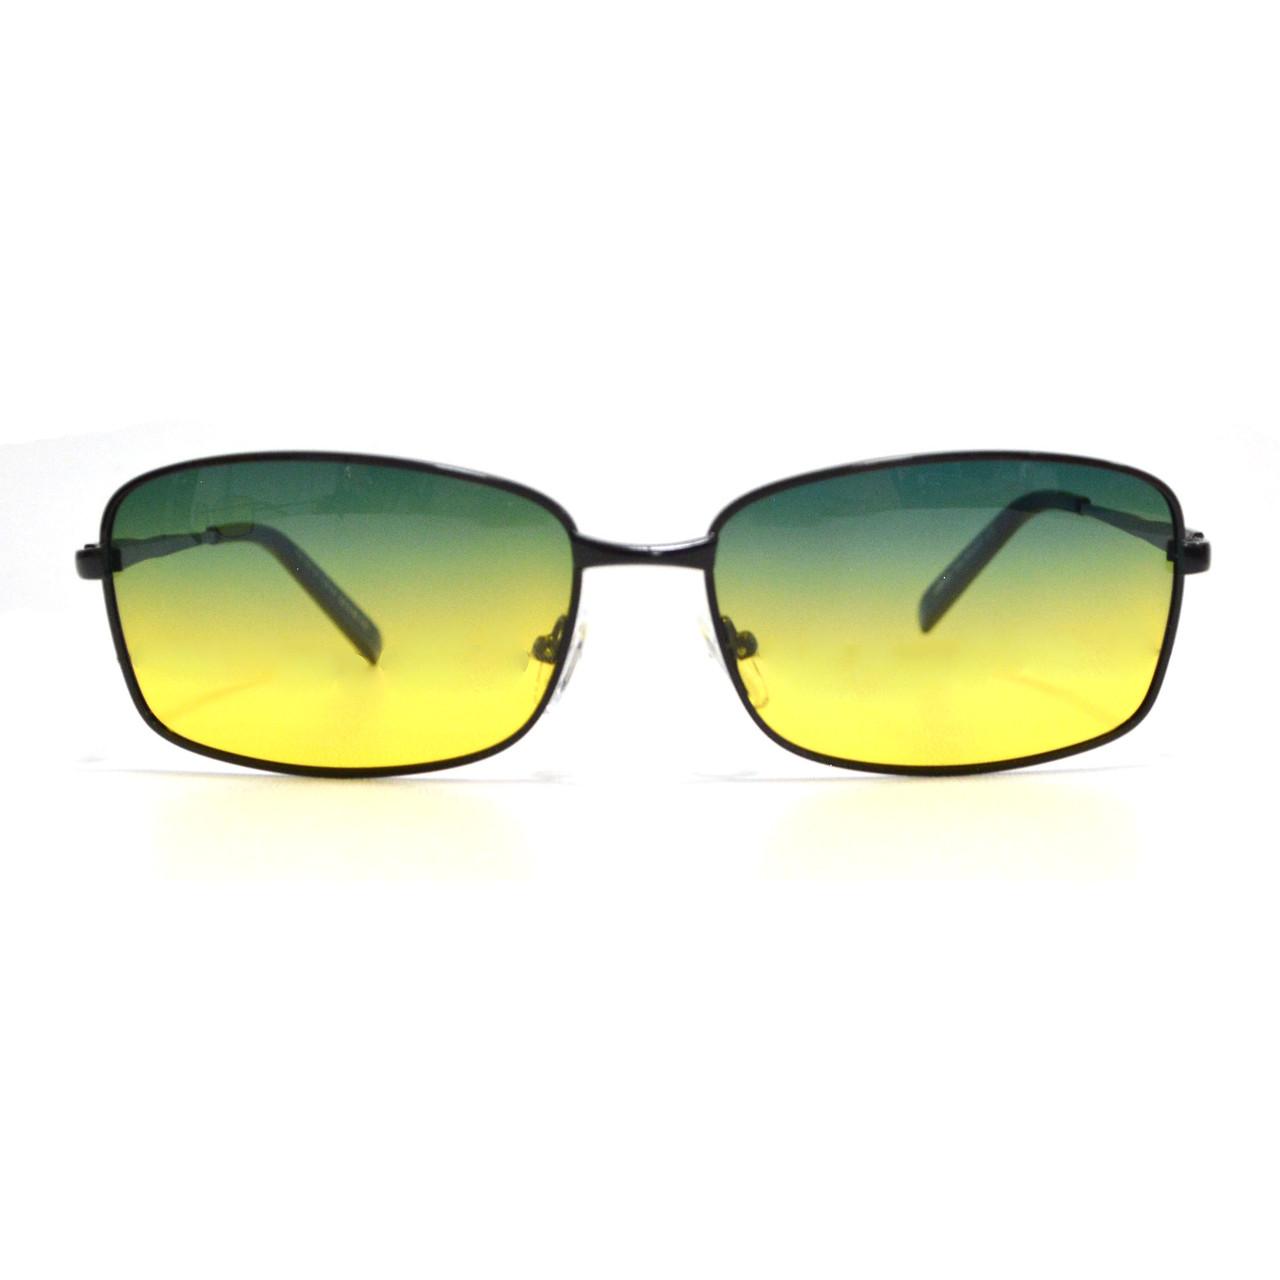 Солнцезащитные поляризационные очки ПОЛАРОИД UV400 тонкая оправа желто зеленые стекла АВТО PX16116 - фото 7